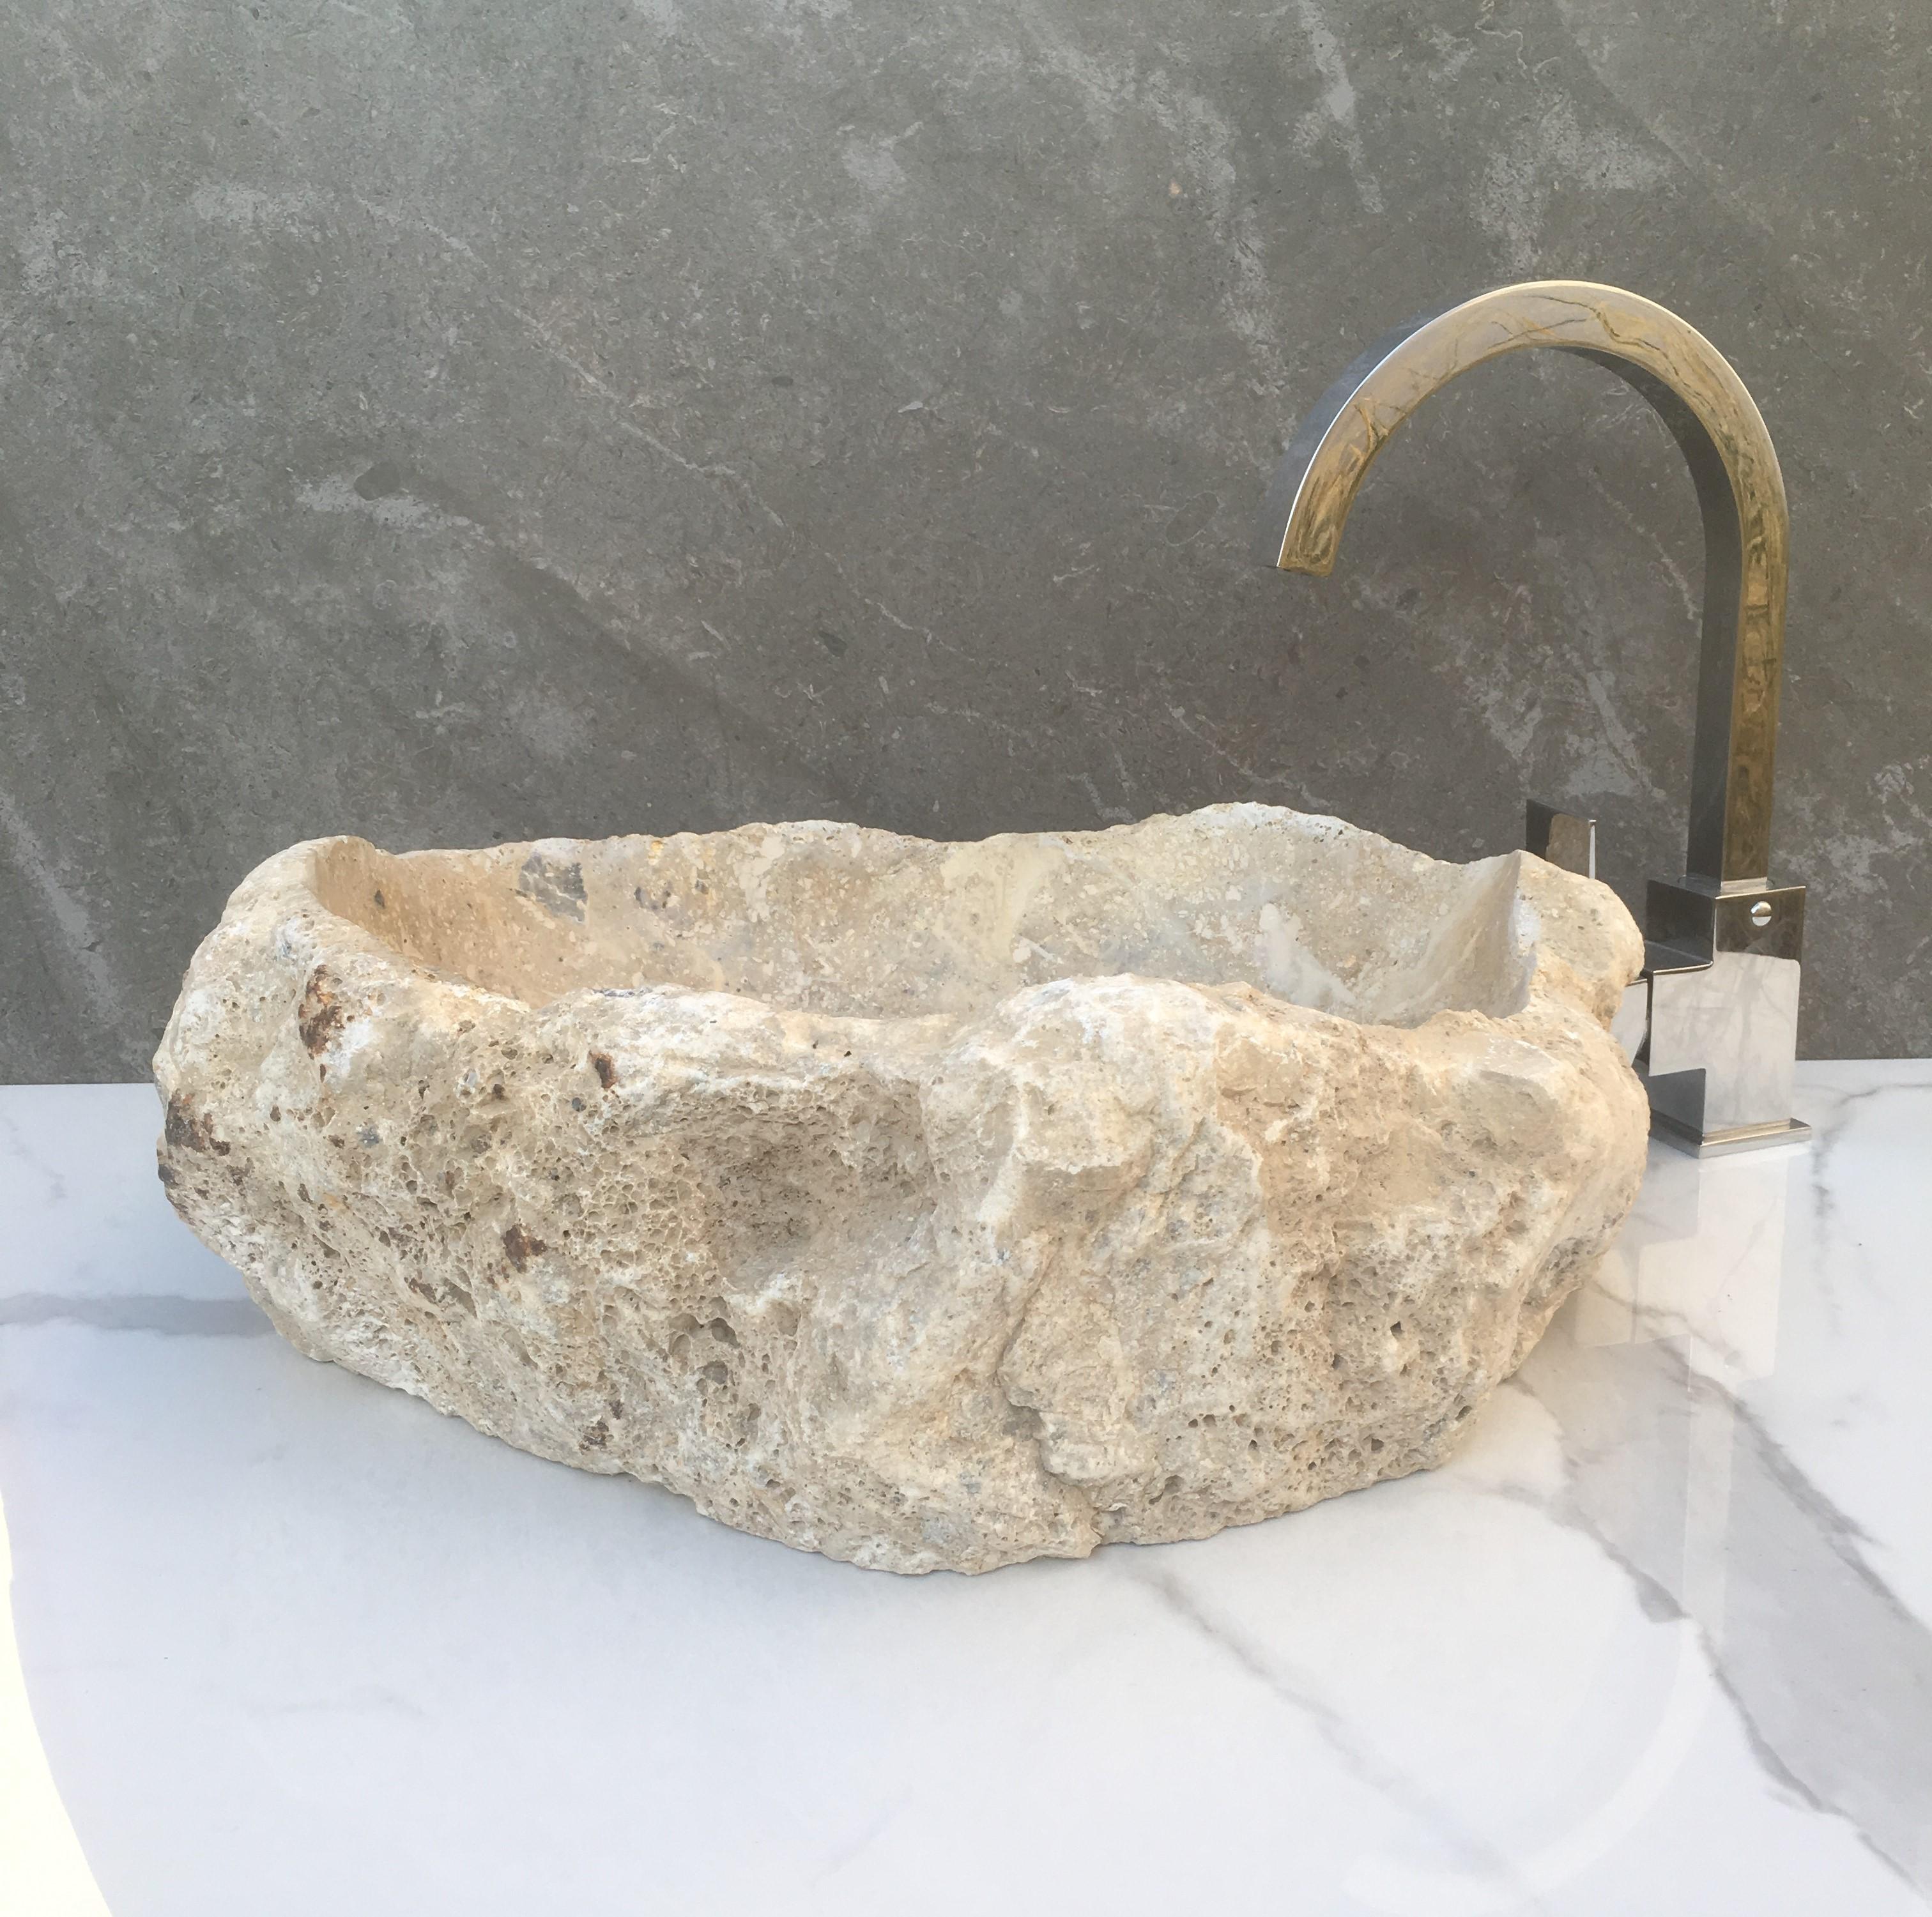 Lavabo de piedra natural mod rustico nokone design stone - Lavabos de piedra rusticos ...